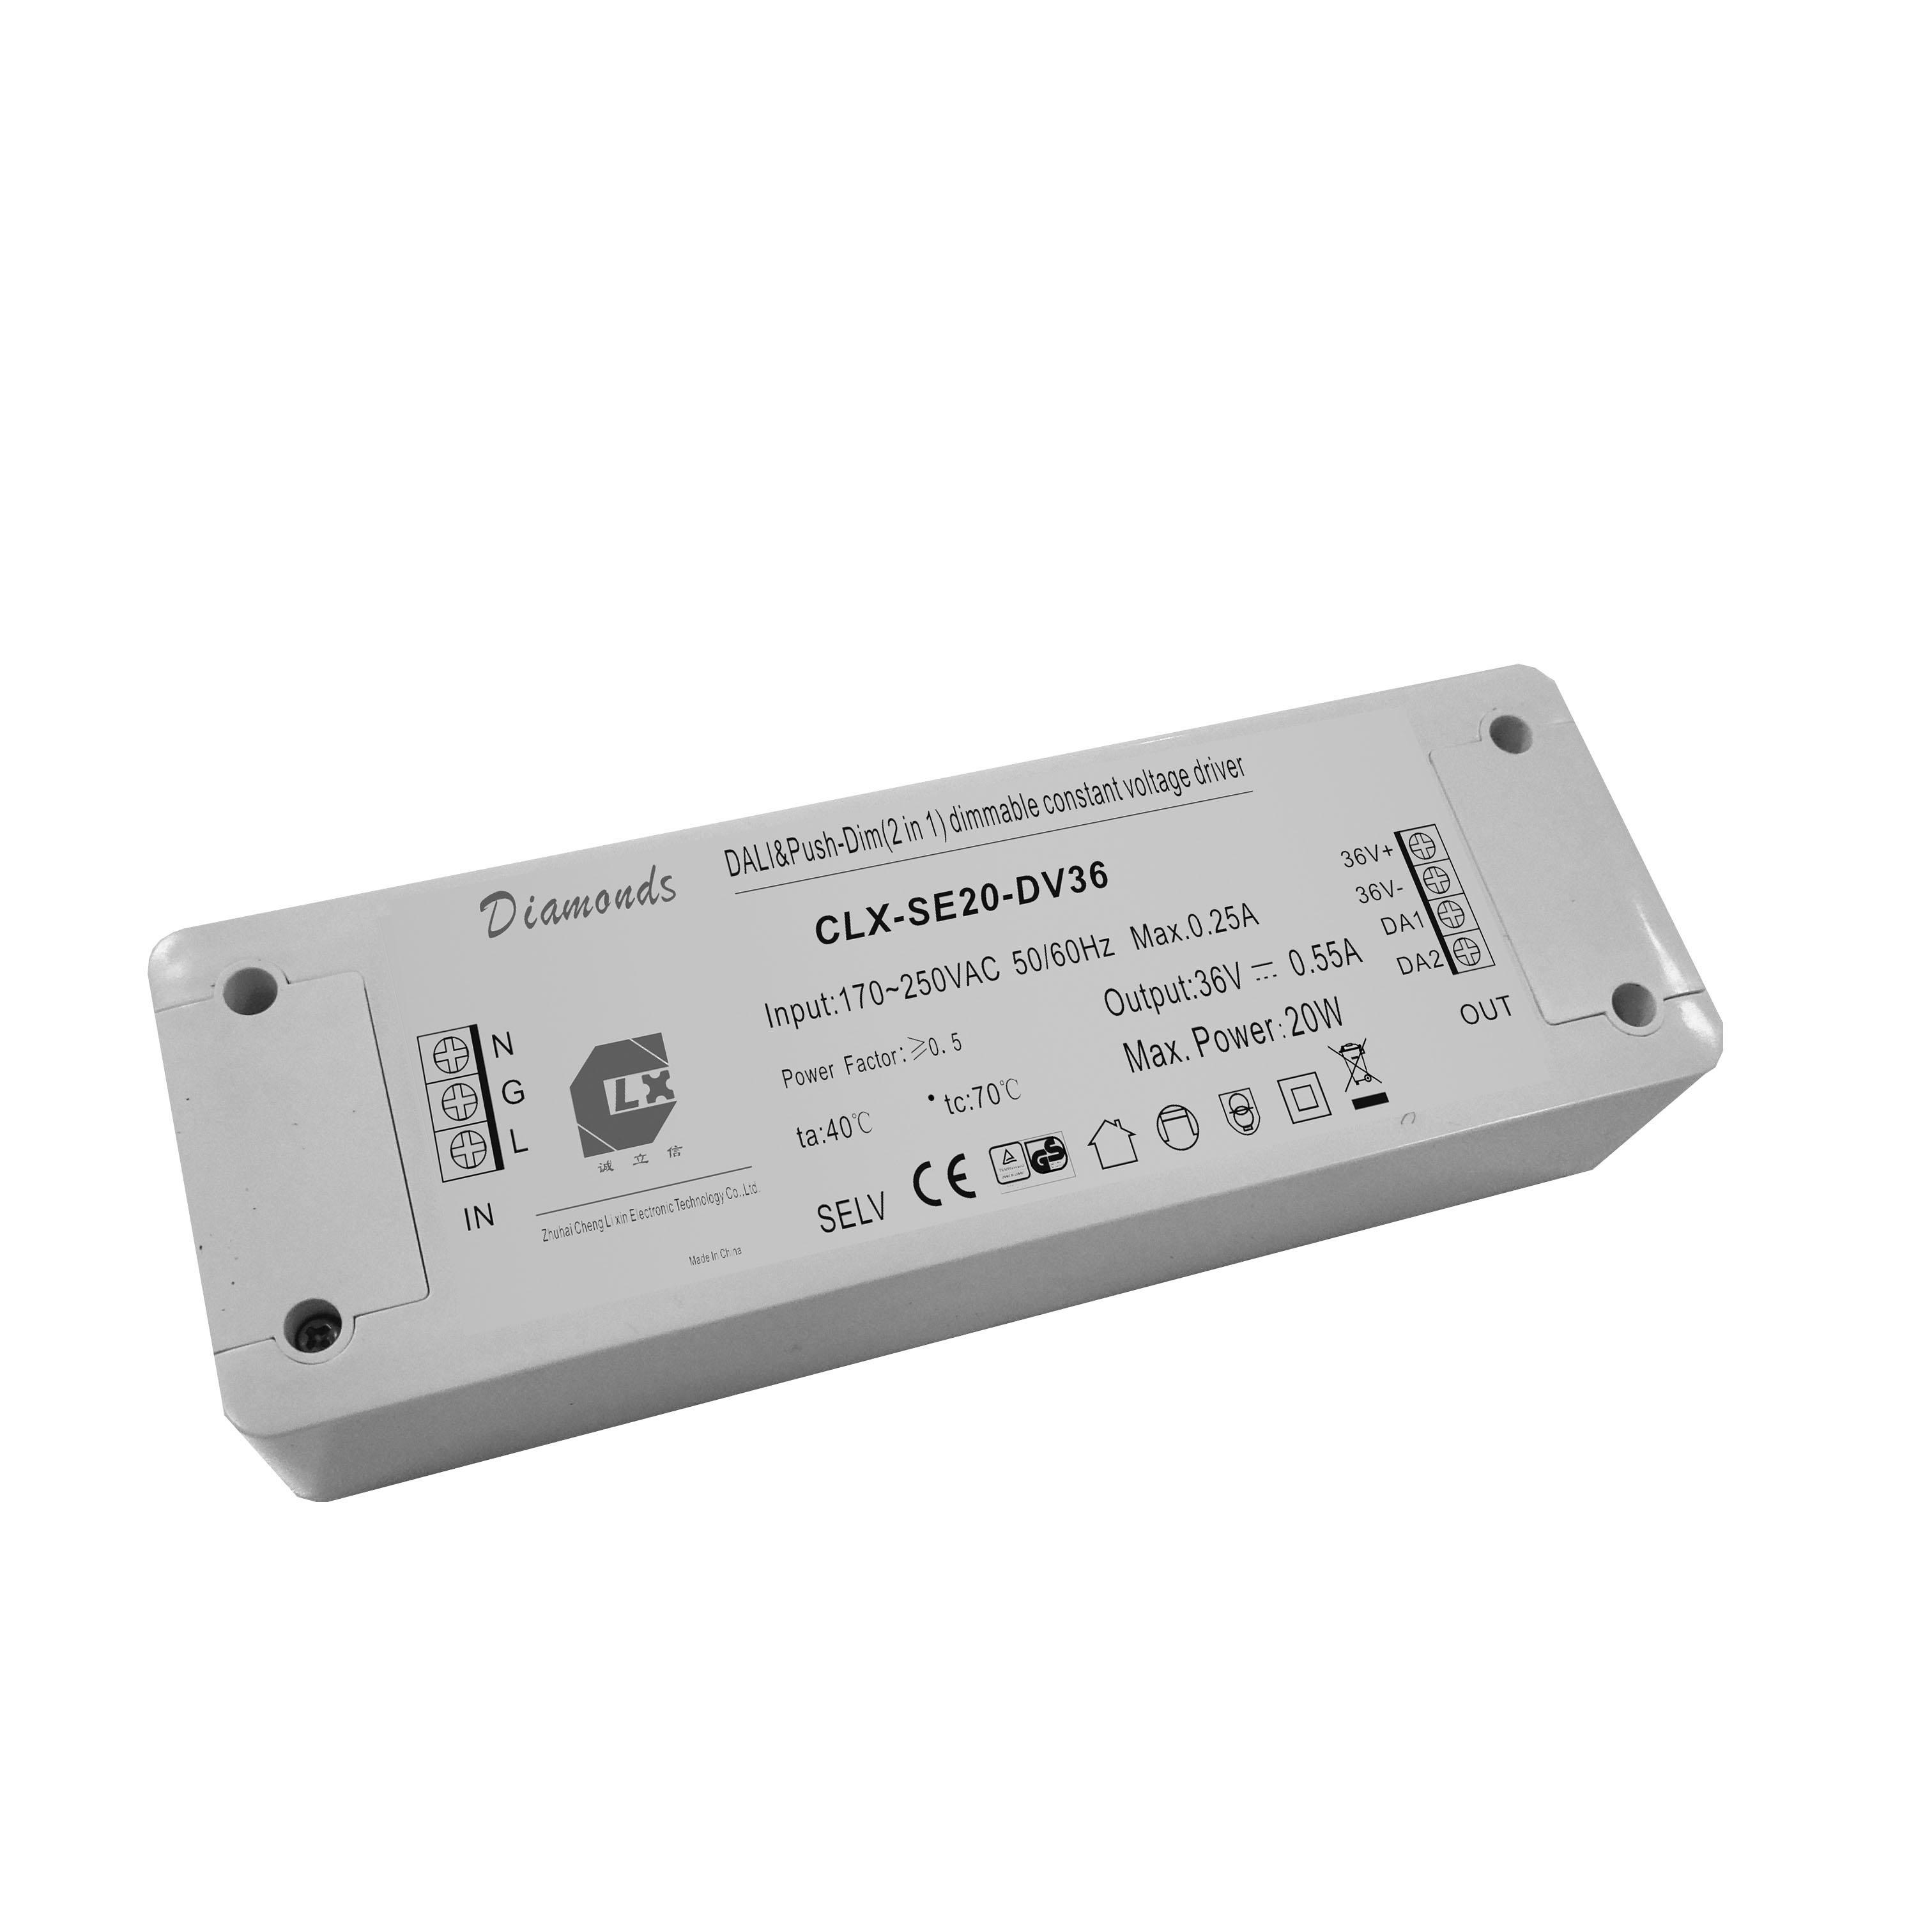 dali 36v 20w led 塑料调光电源